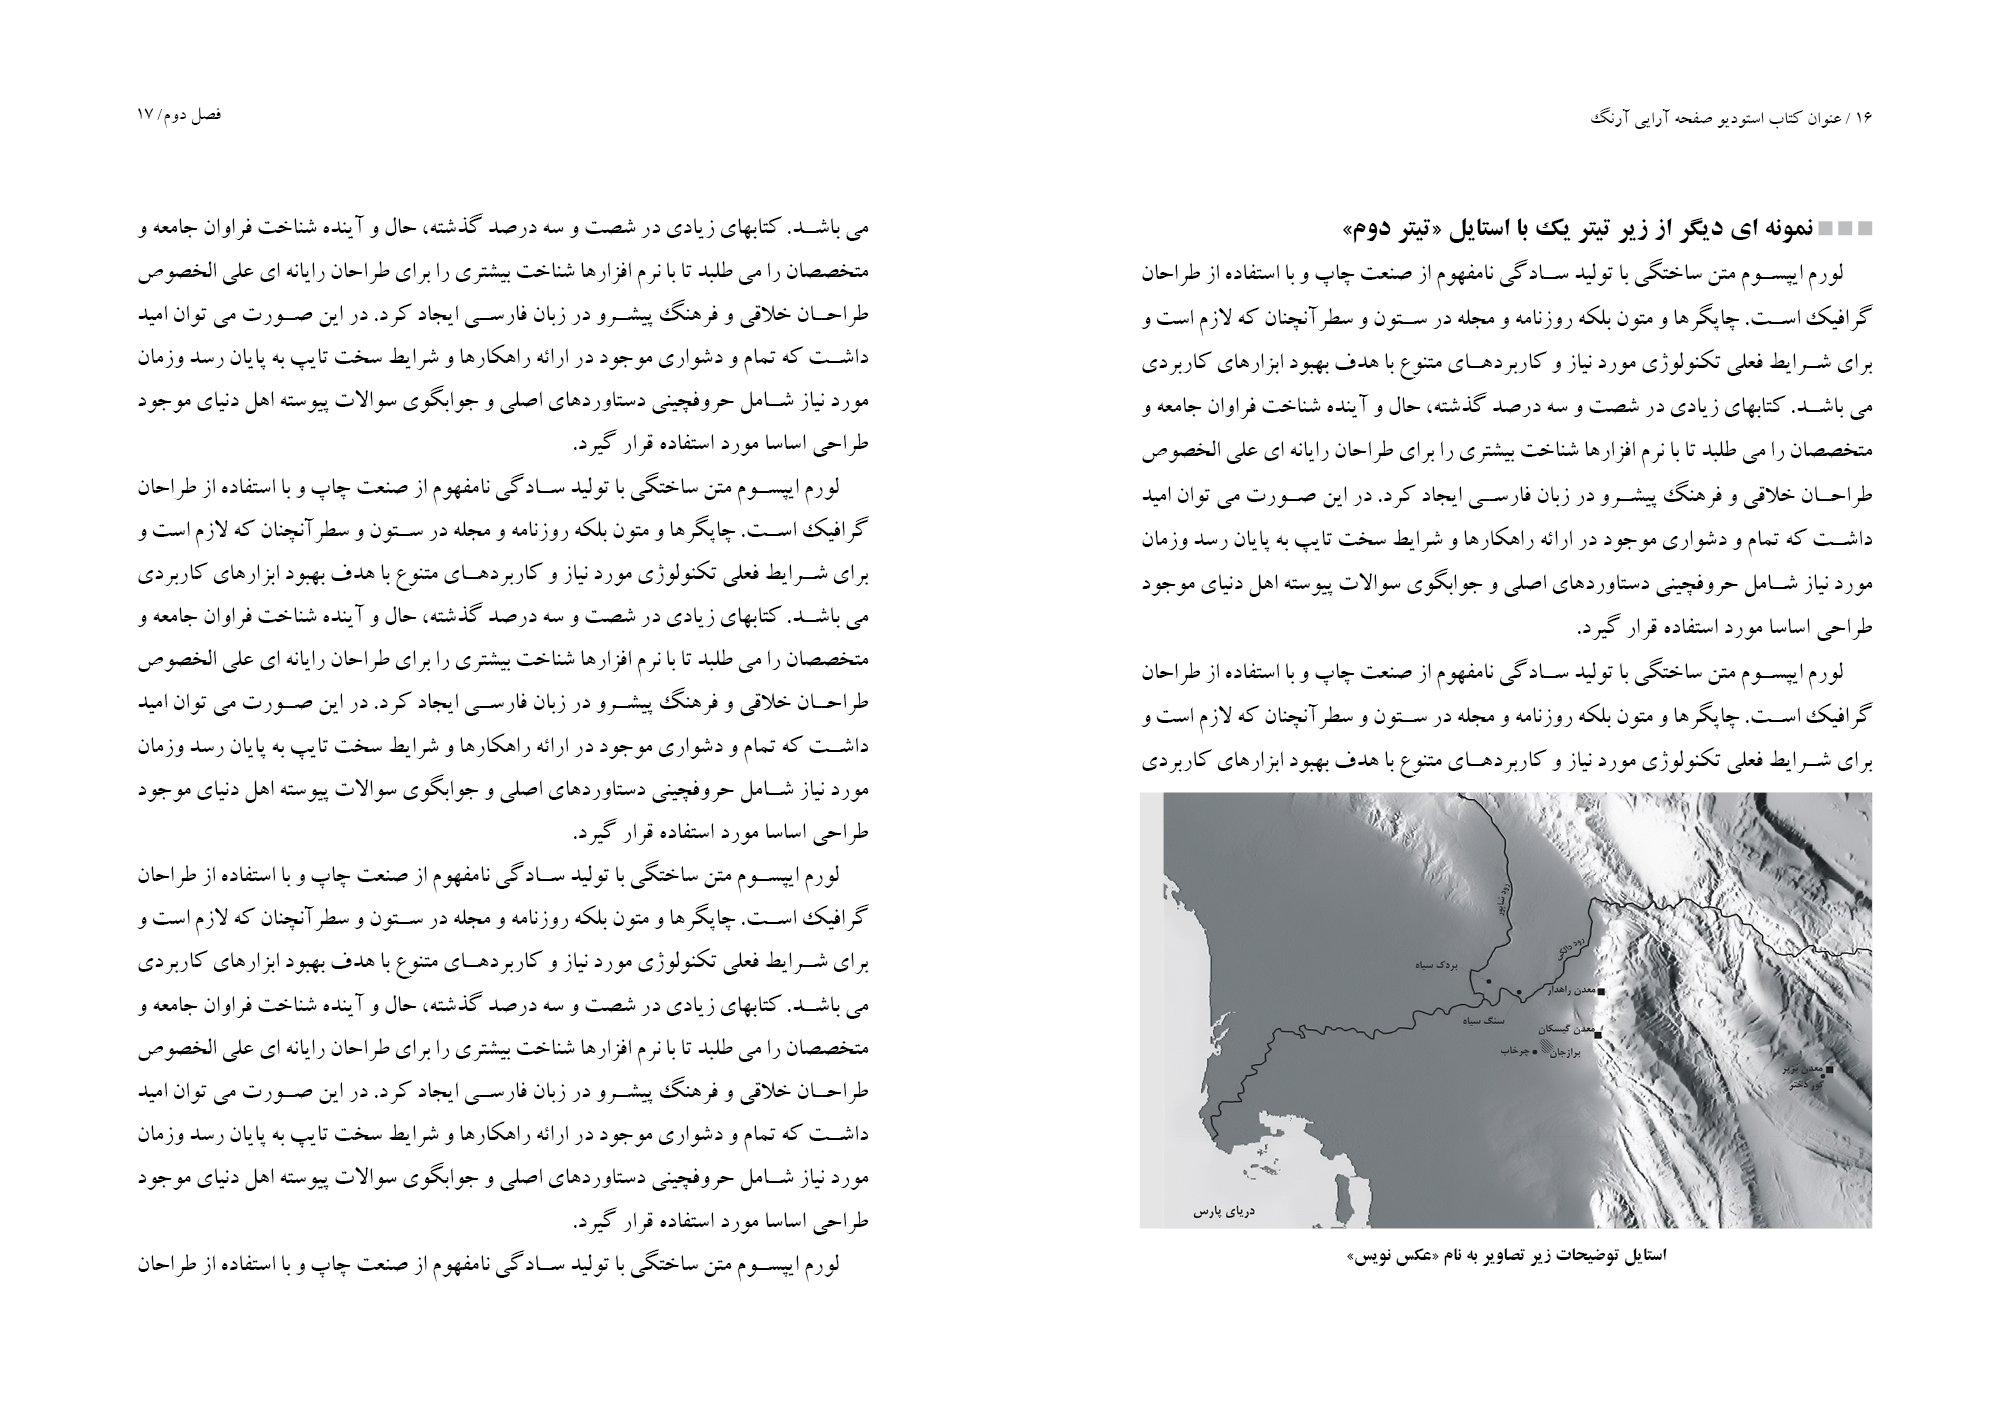 صفحات داخلی کتاب در قالب صفحه آرایی در ایندیزاین